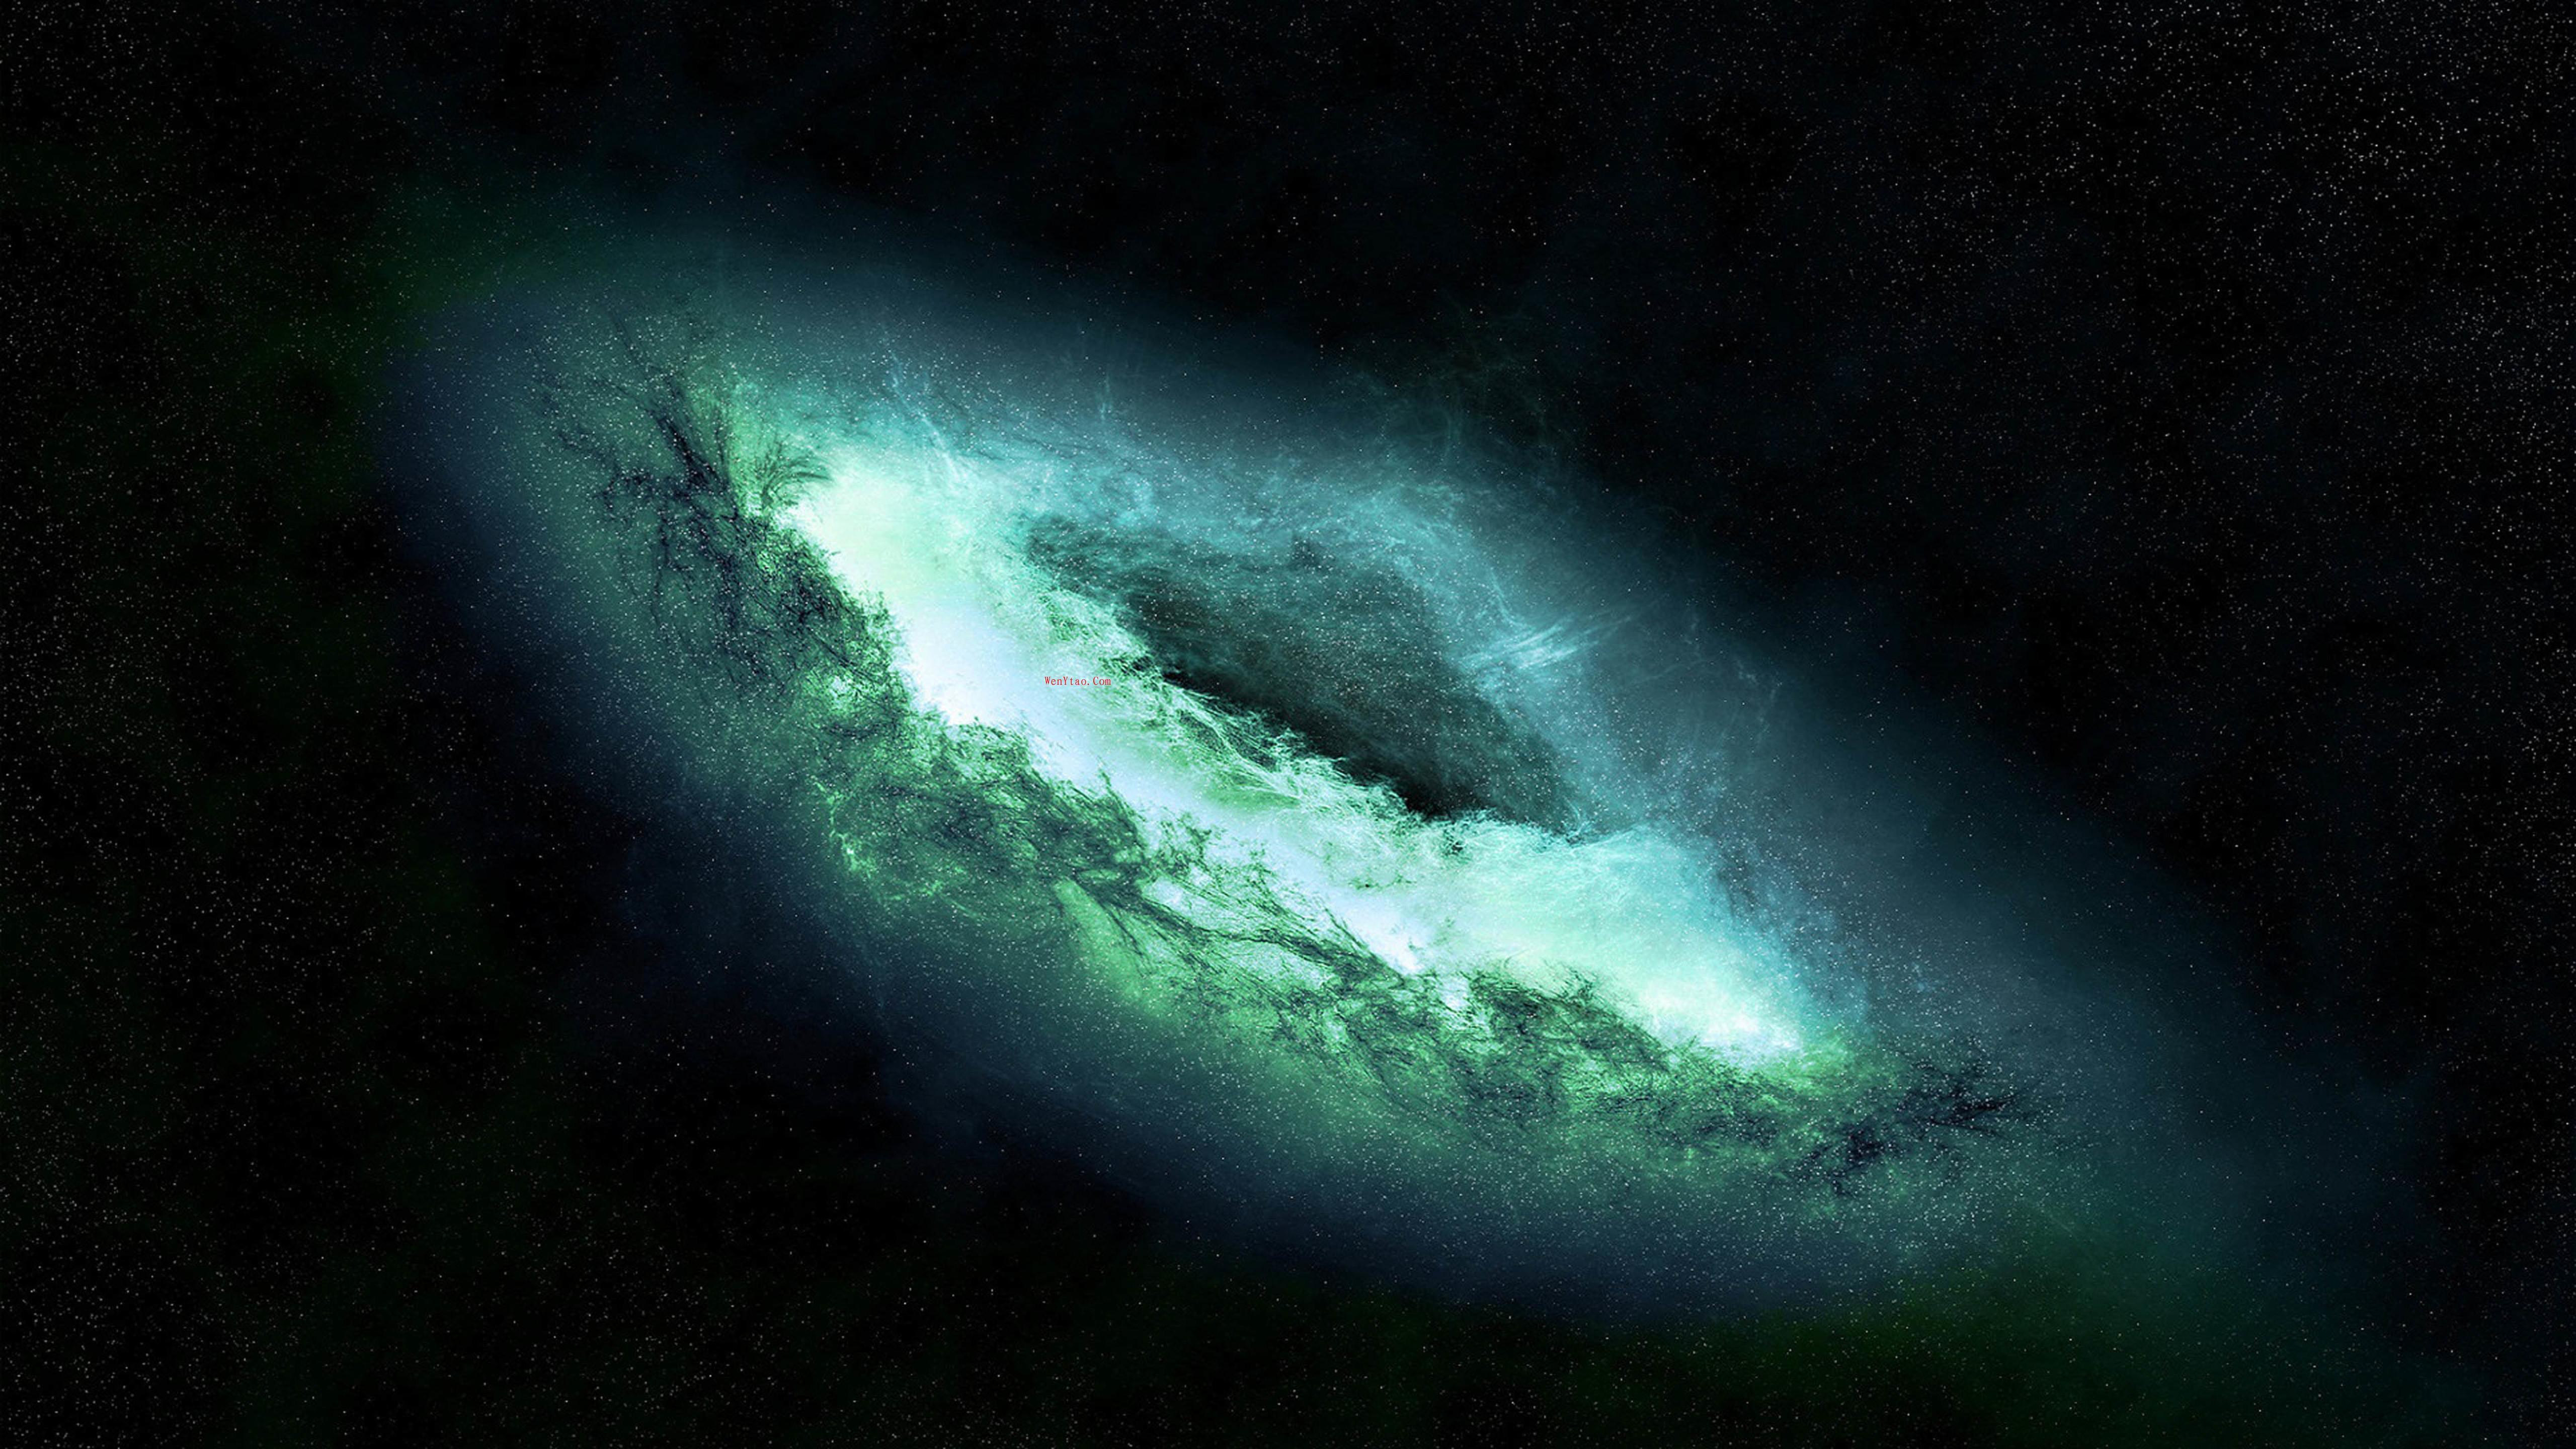 风景奇幻梦境山峰星空繁星云雾夜晚星空星球梦幻5k壁纸 风景 第17张